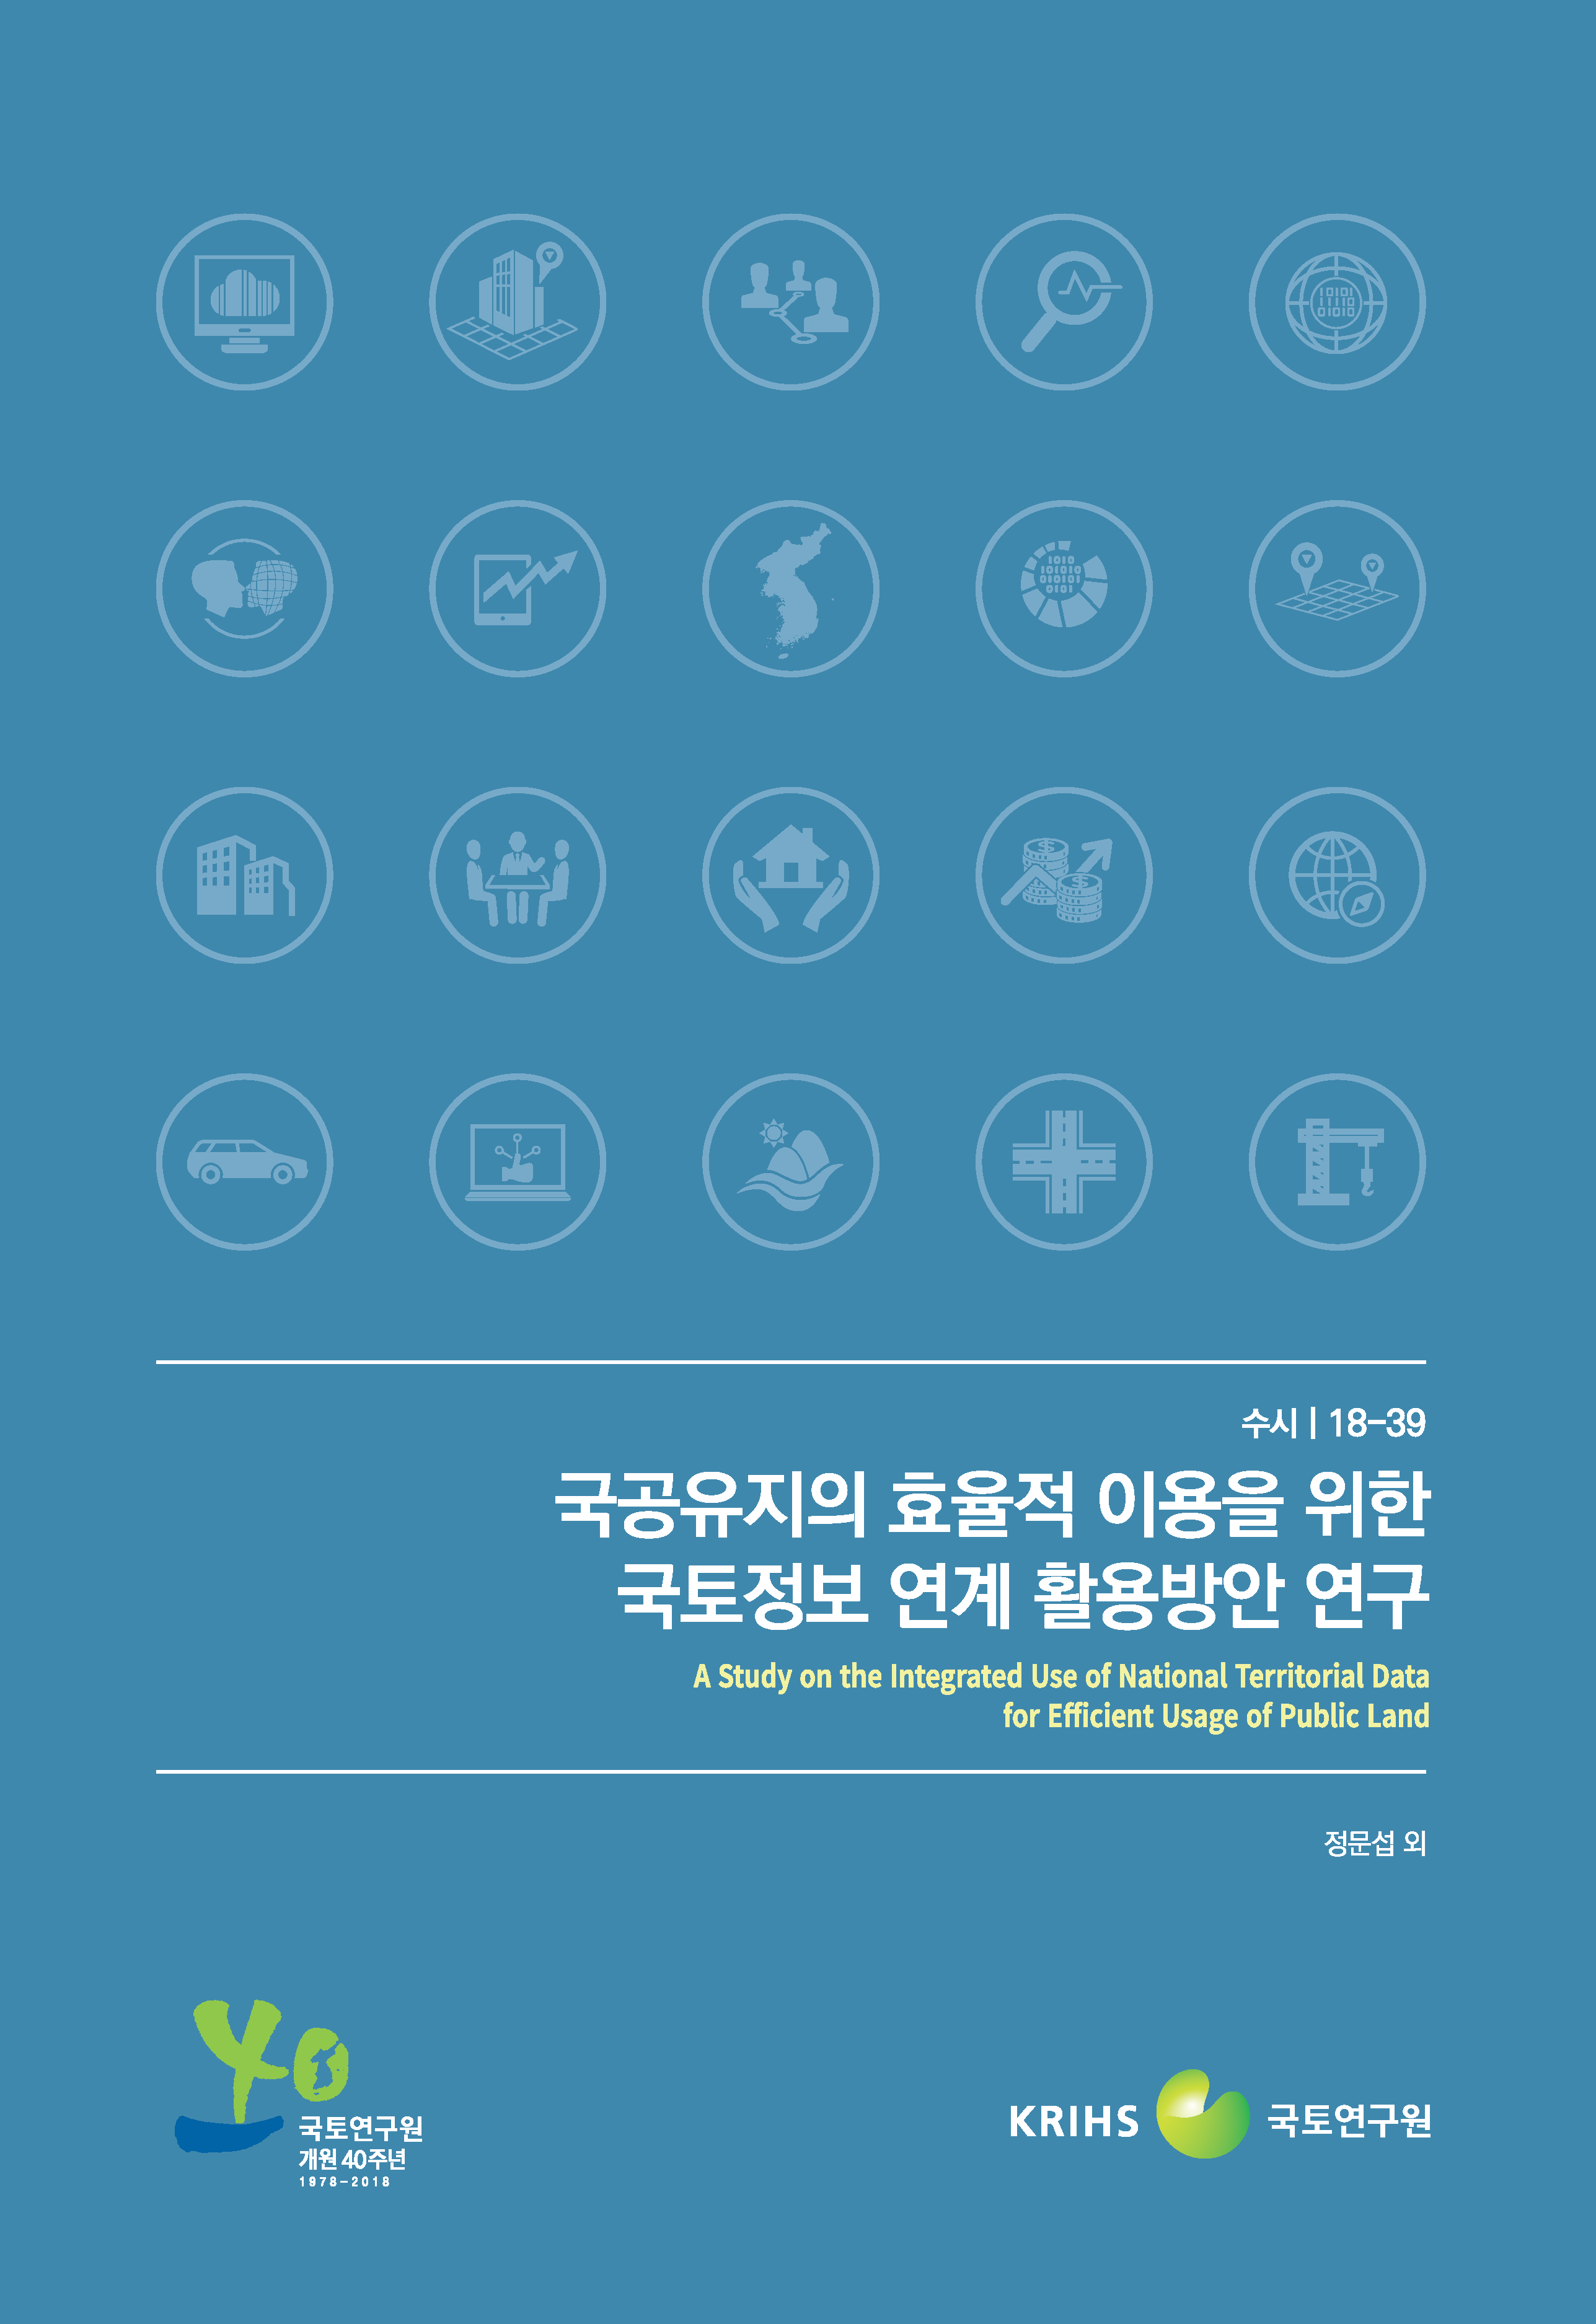 국공유지의 효율적 이용을 위한 국토정보 연계 활용방안 연구